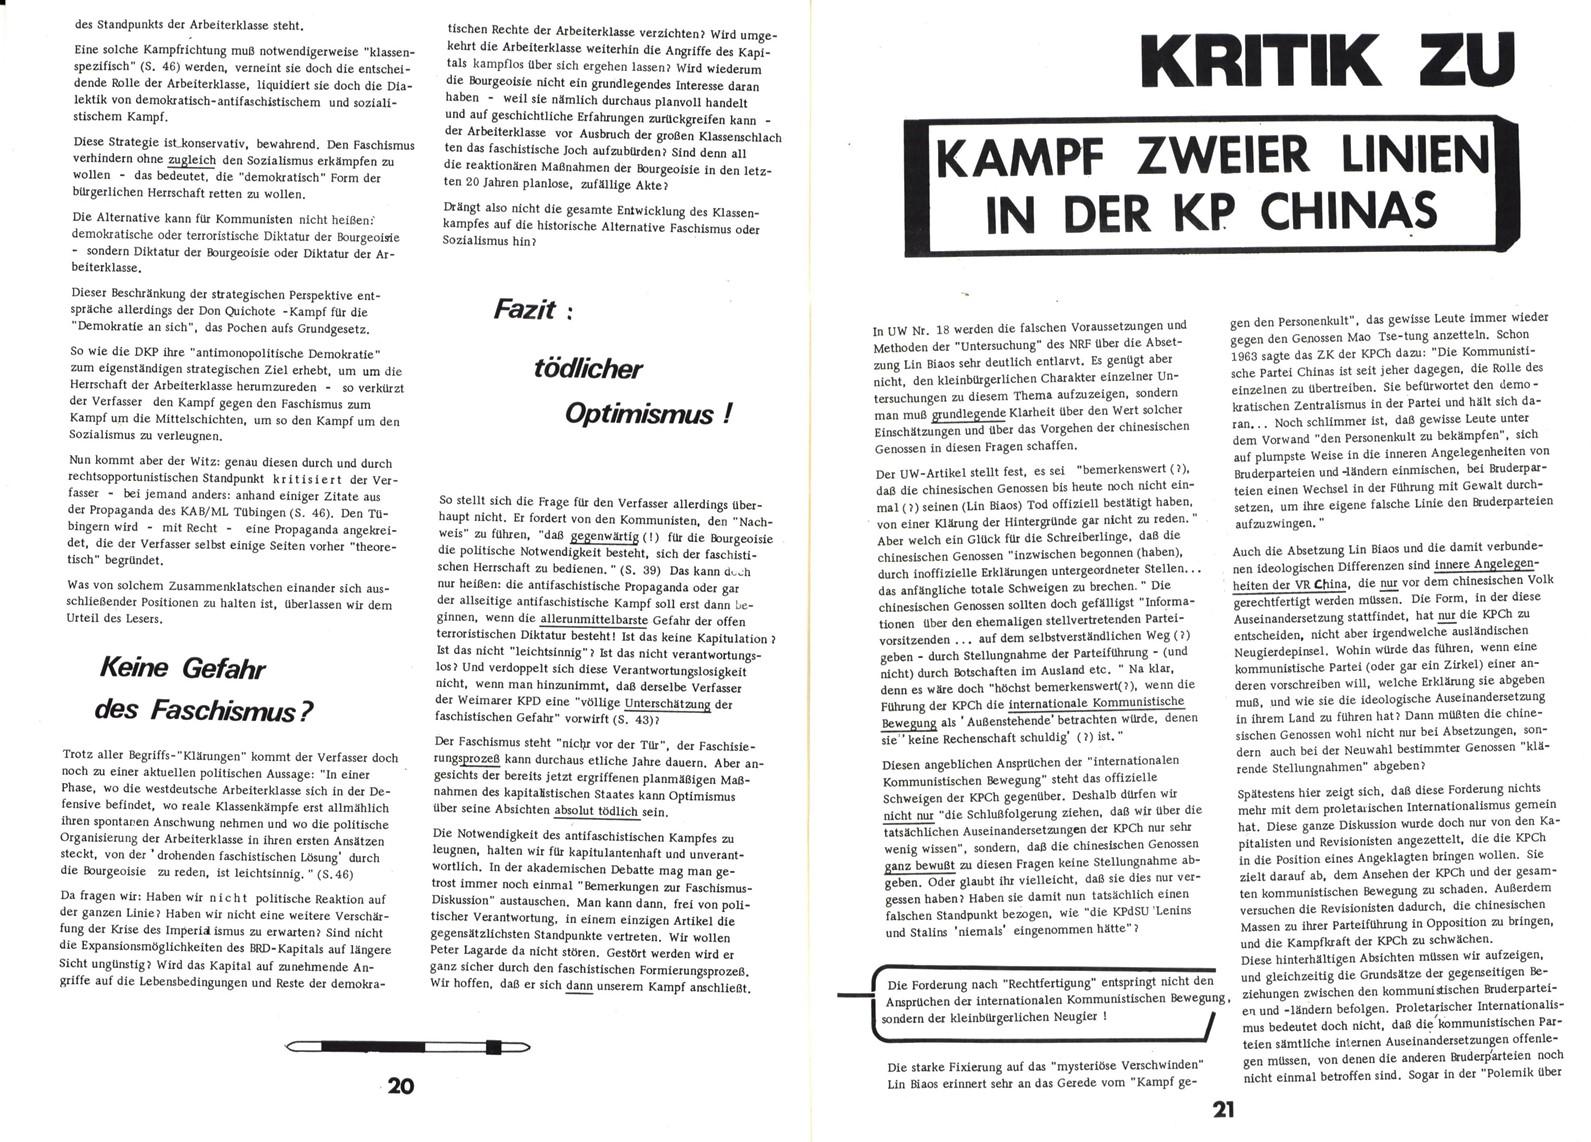 KB_Unser_Weg_1973_19_11